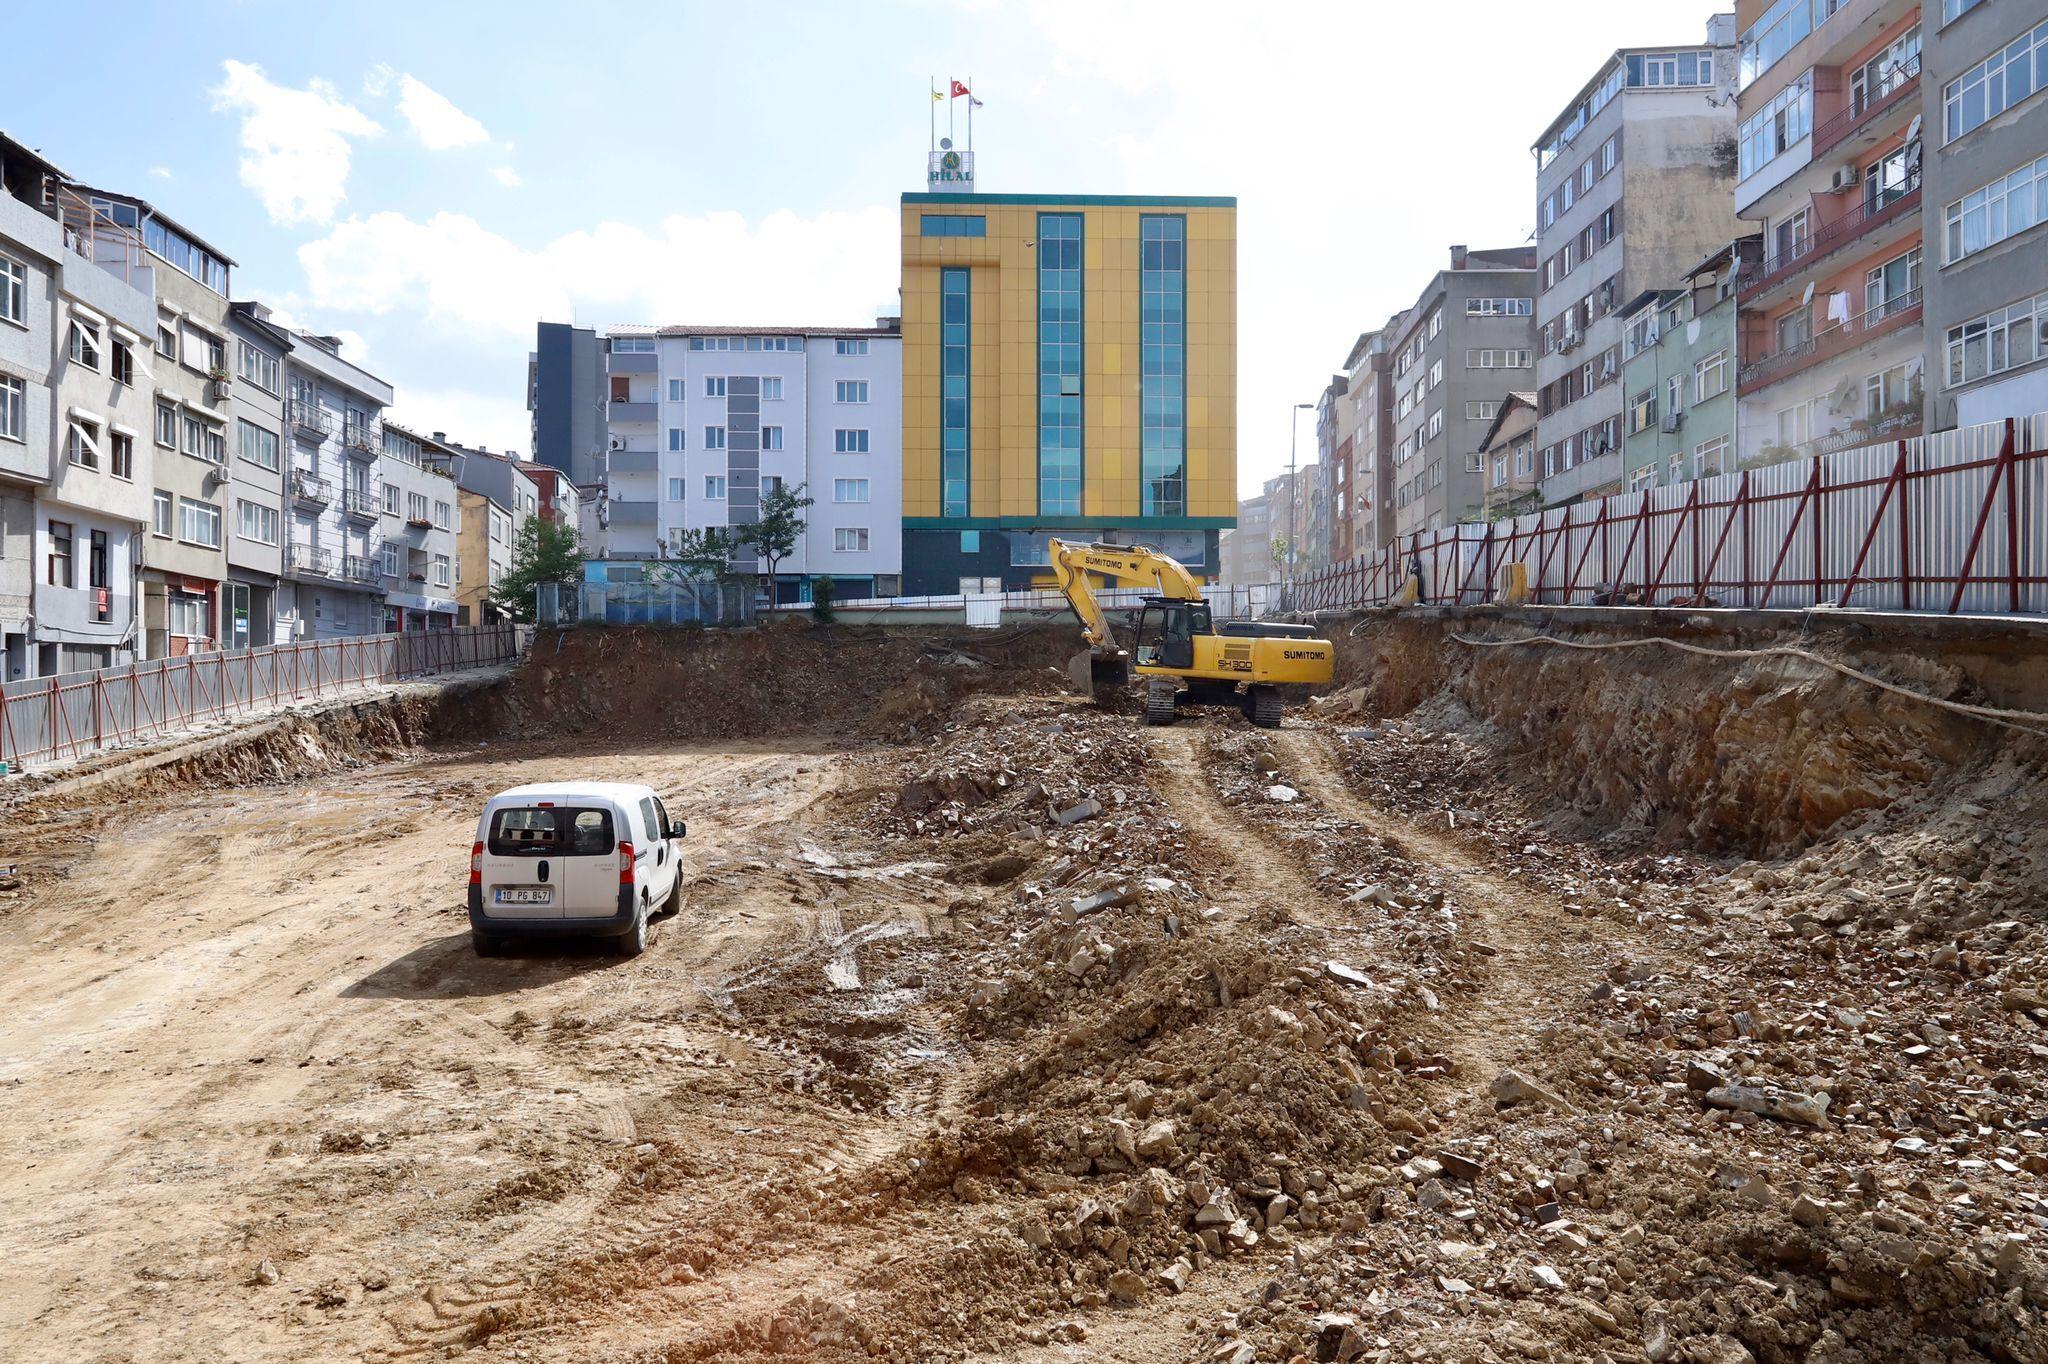 Kağıthane Belediyesi'nden yeni katlı otopark projesi